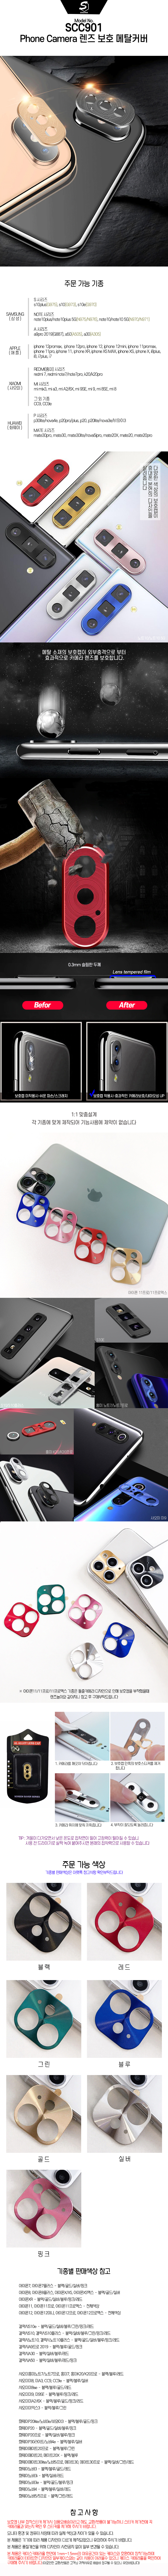 아이폰11 XR XS X 프로맥스 8 7 플러스 카메라렌즈 보호 필름 캡 메탈 스크래치 방지커버 - 수나르, 7,800원, 필름/스킨, 아이폰 11 Pro MAX